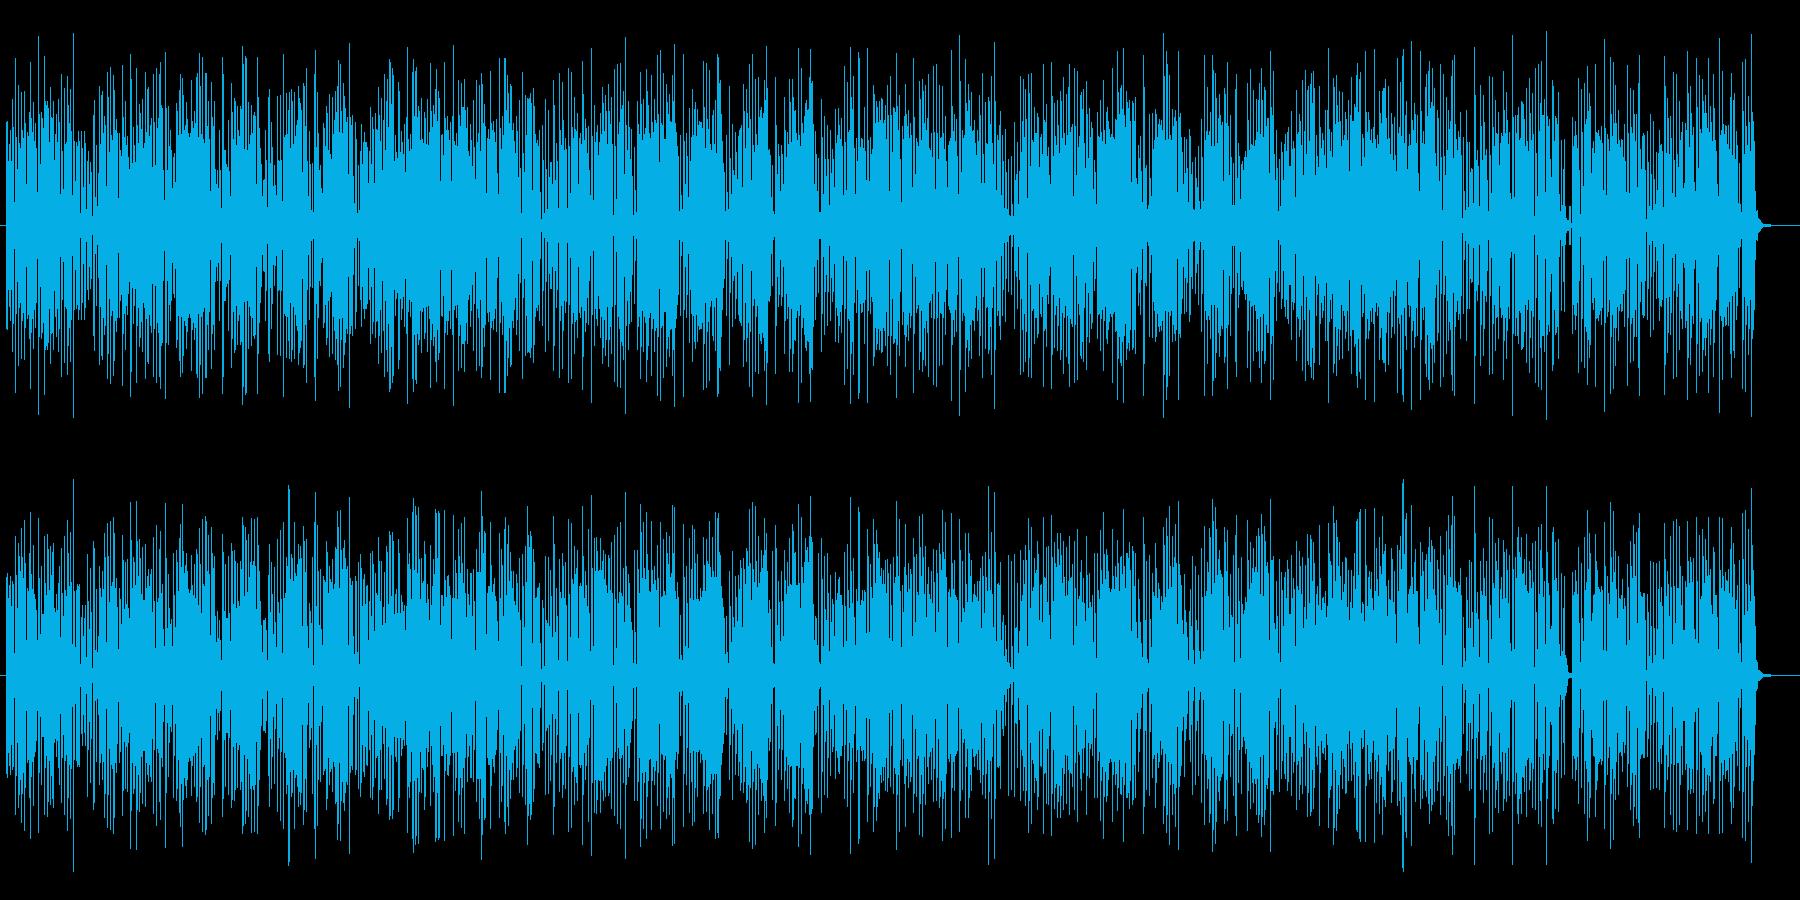 陽気で明るいシンセサイザーの曲の再生済みの波形